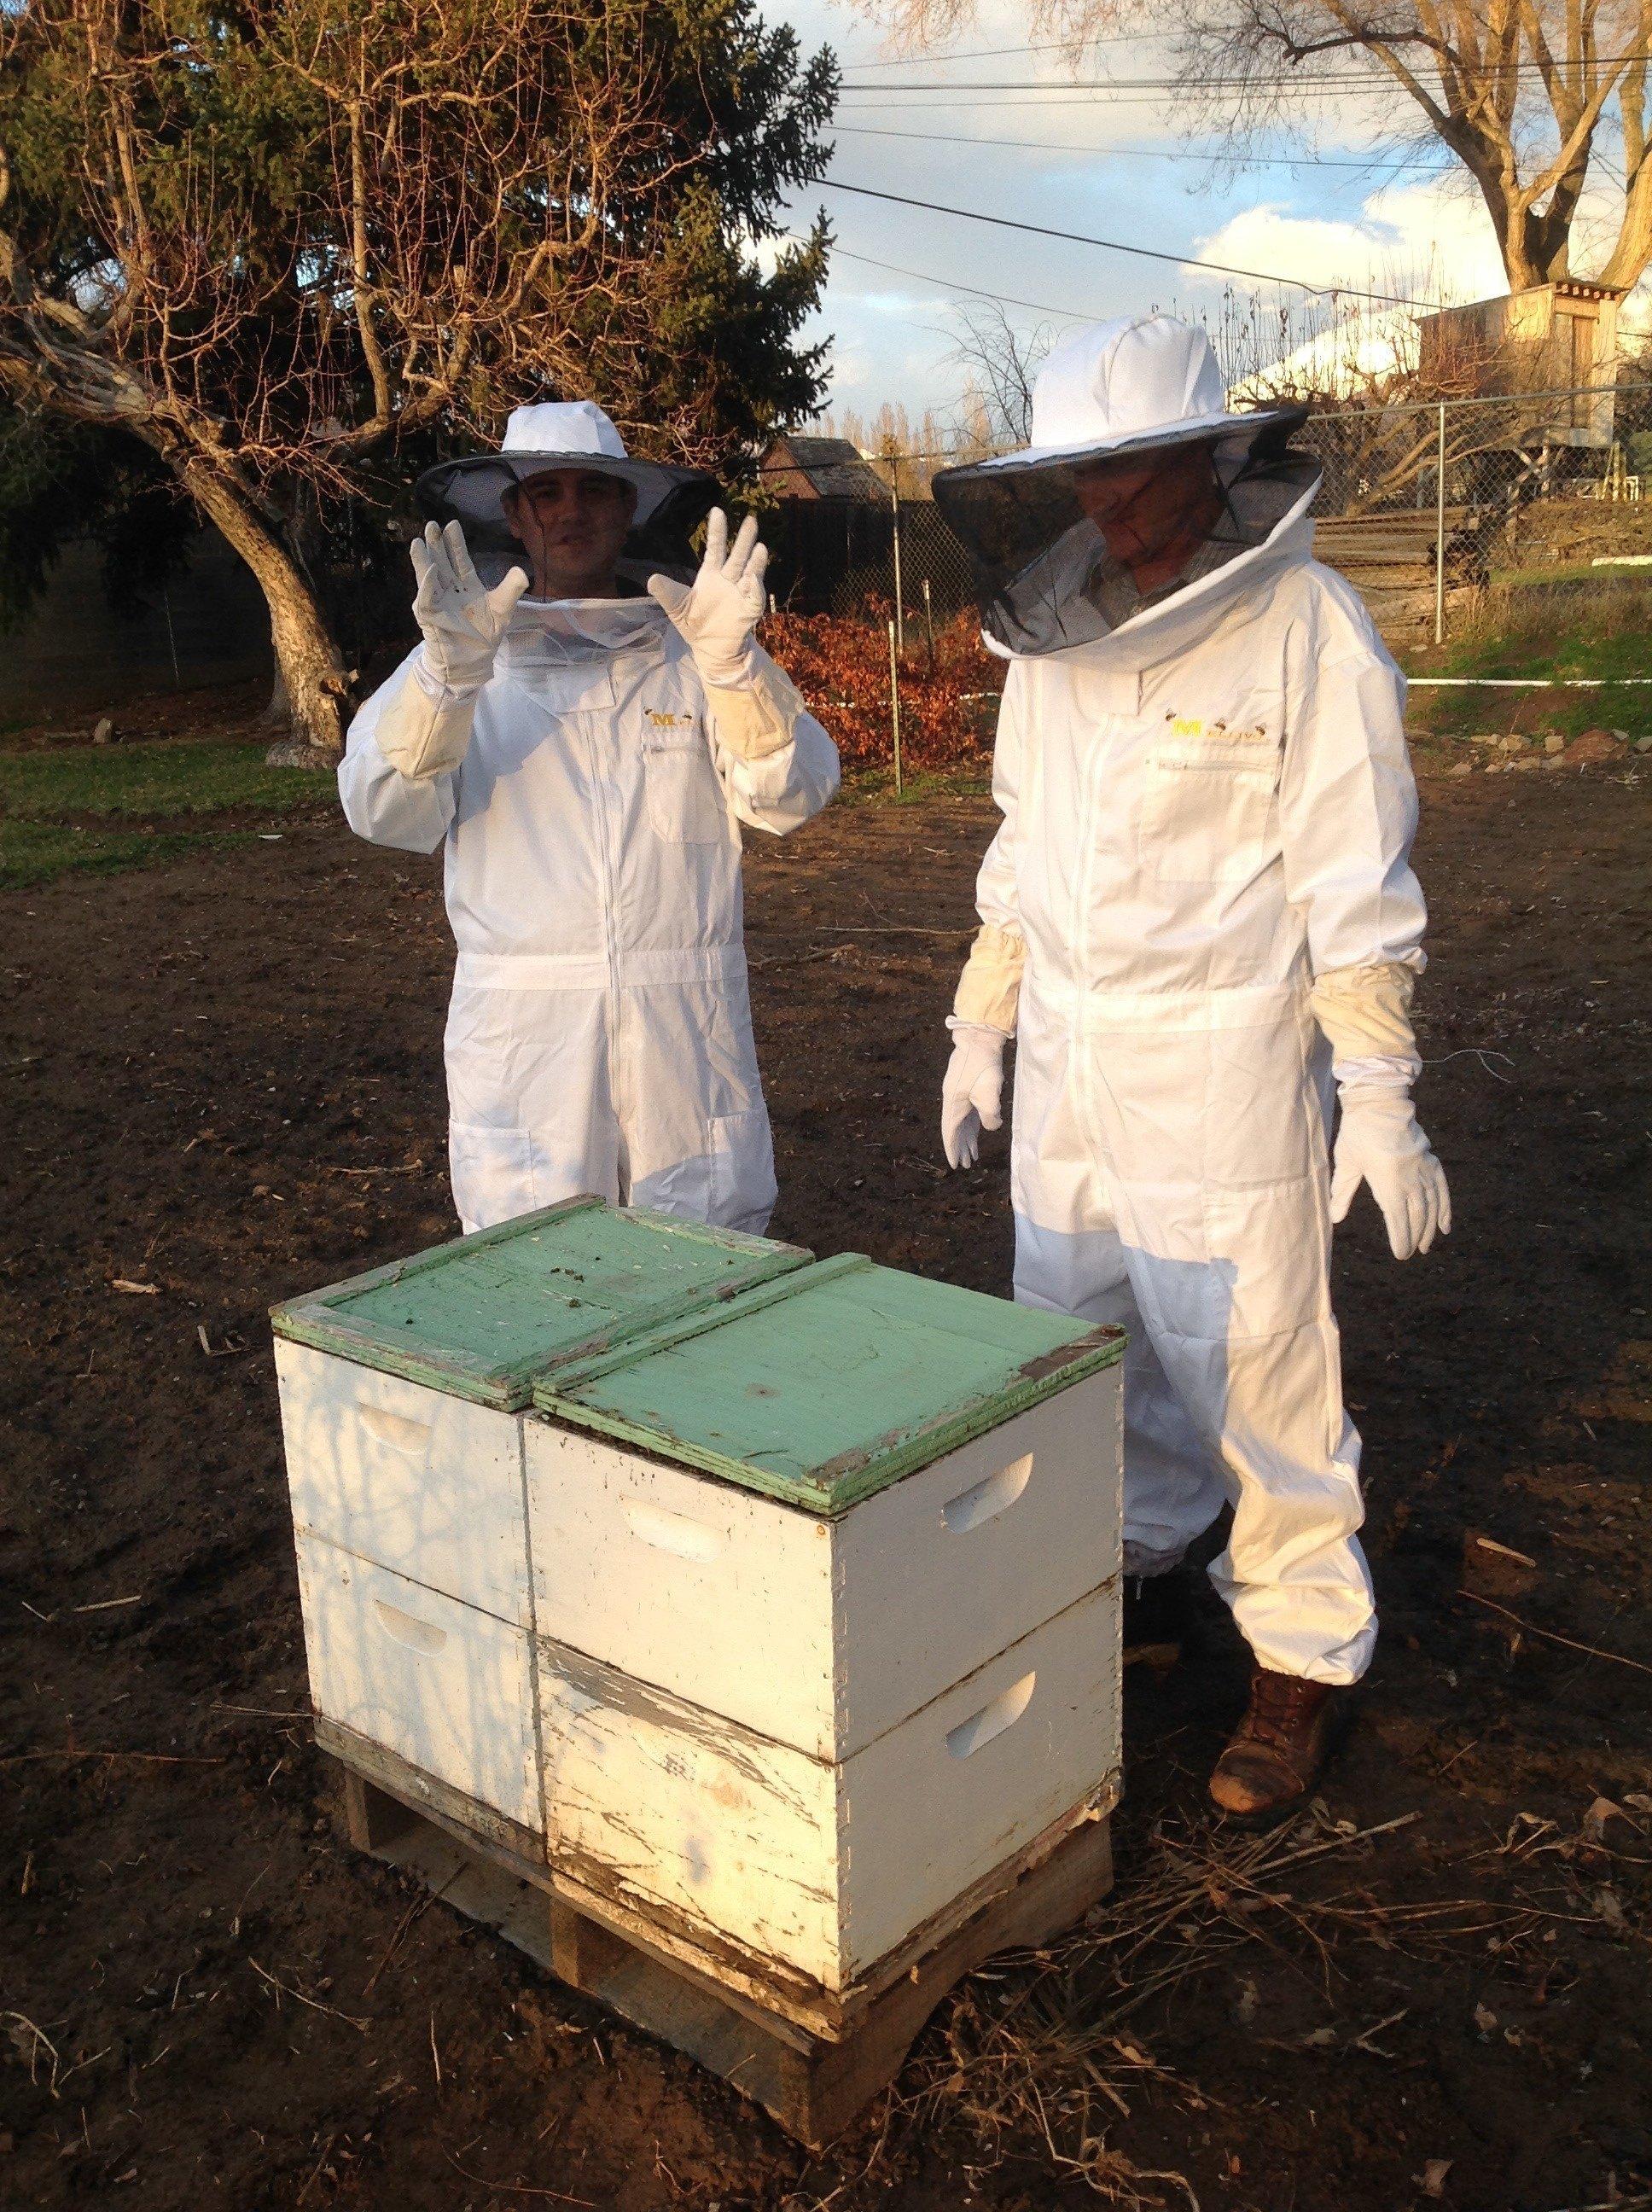 Beekeeper Resources